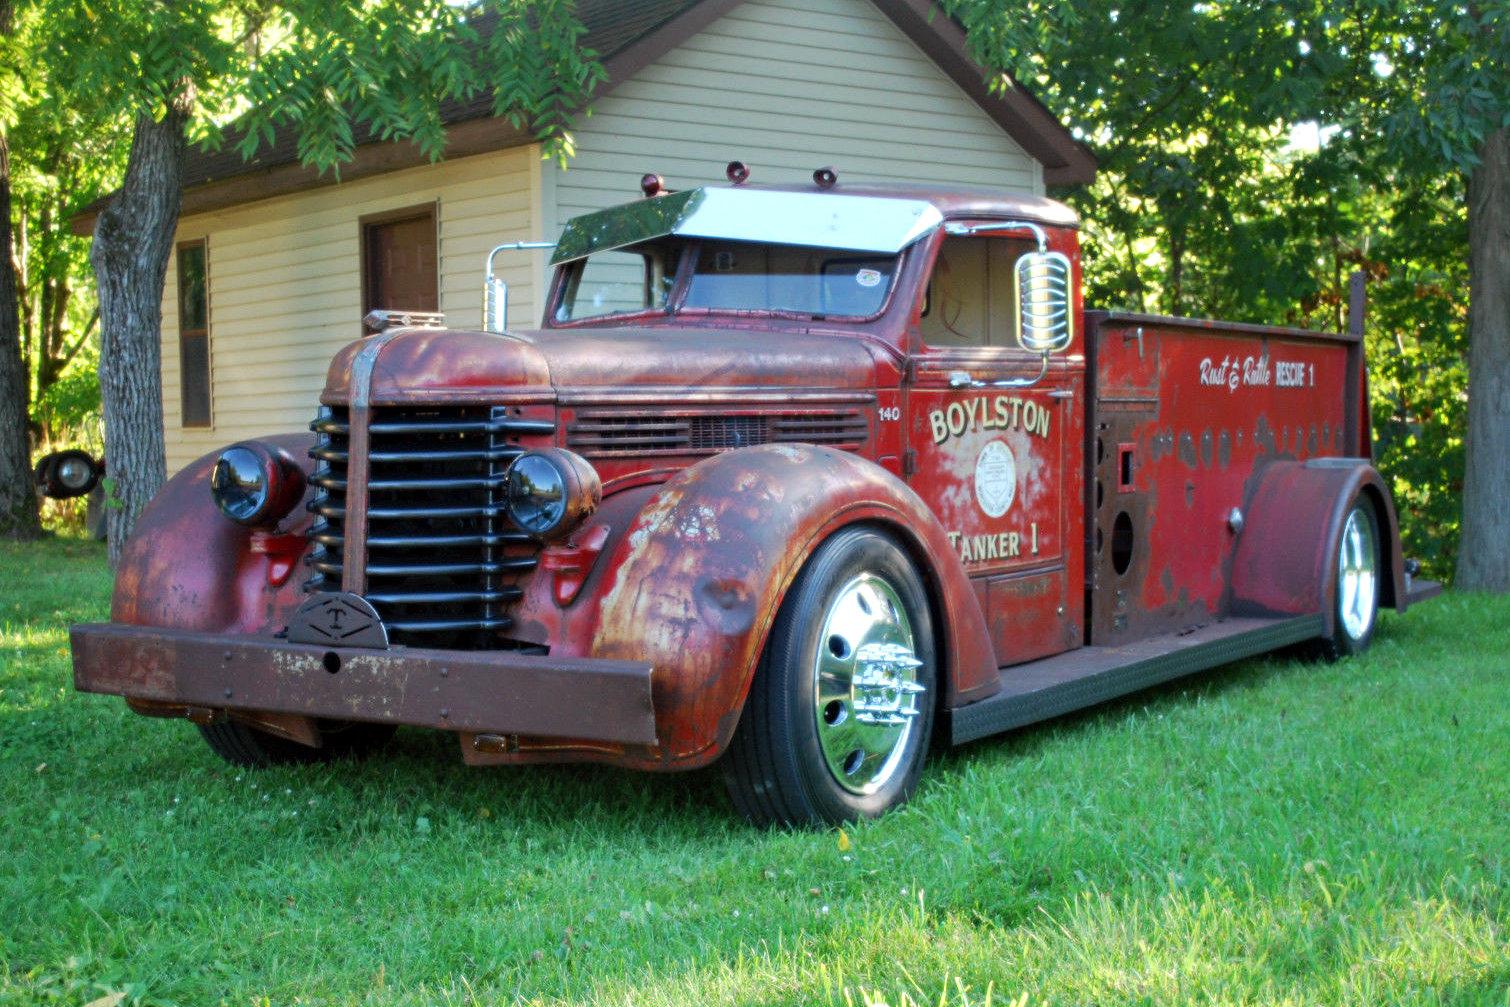 Fire Truck For Sale >> Fiery Hot Rod: 1947 Diamond T